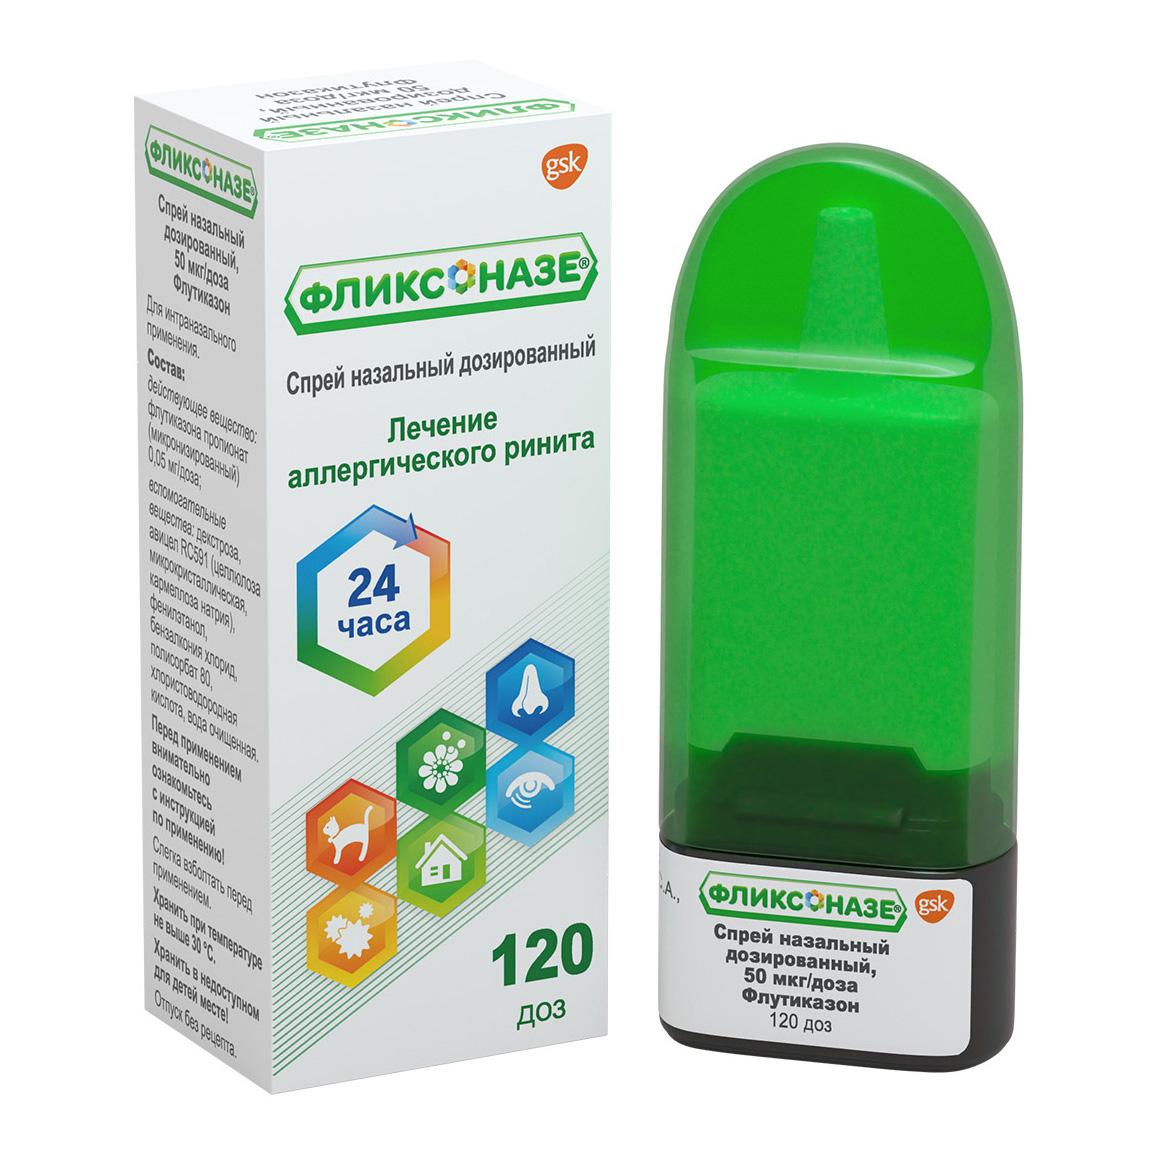 Фликсоназе при аллергическом рините, спрей назальный, 50 мкг/доза, 120 доз